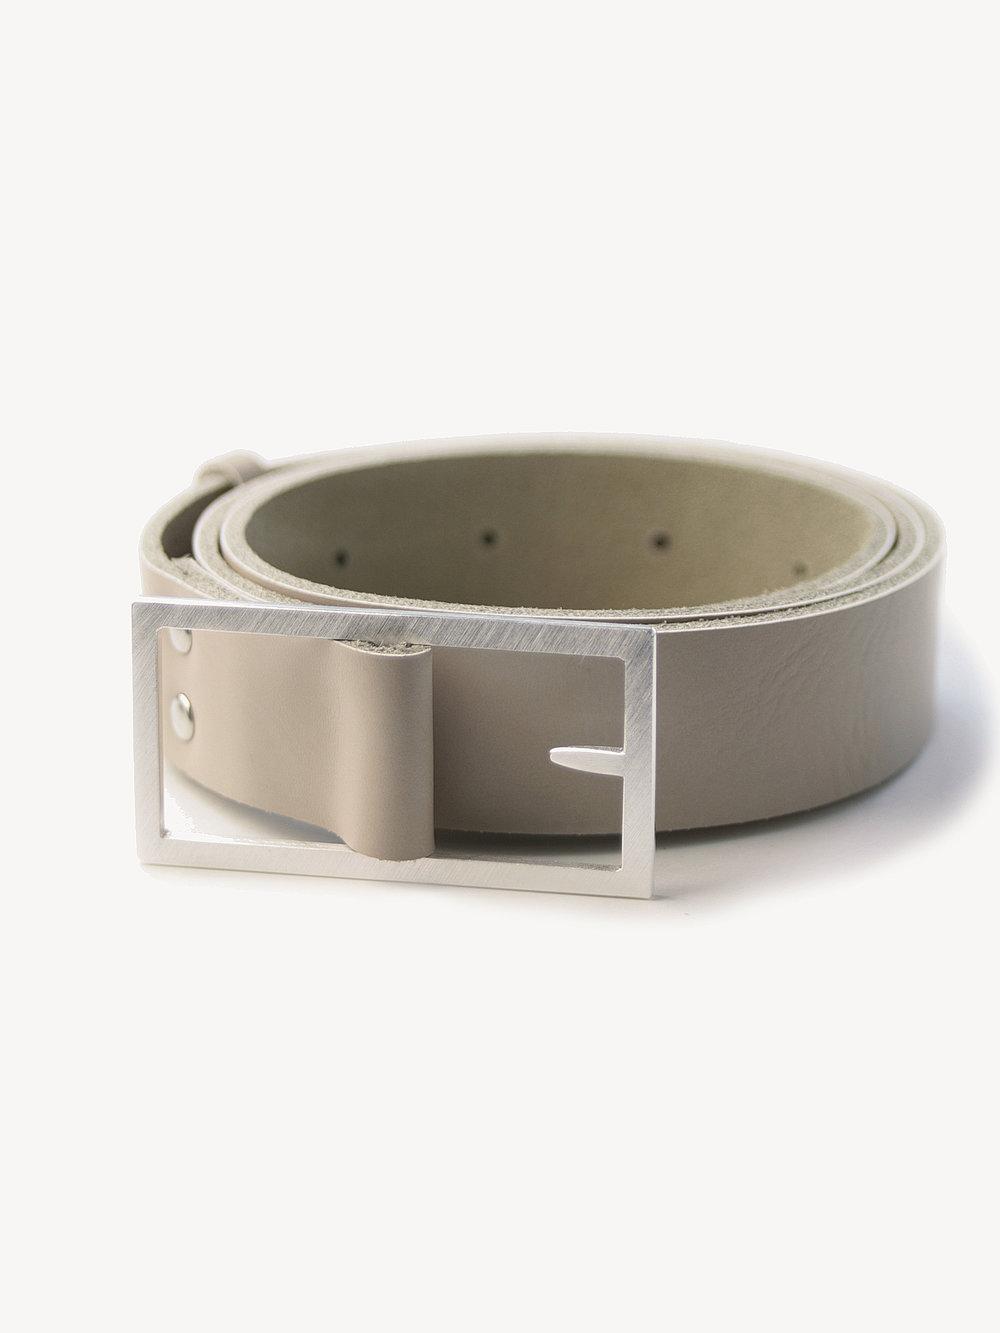 Leder-Gürtel, groß in puder  Leather belt, big in nude